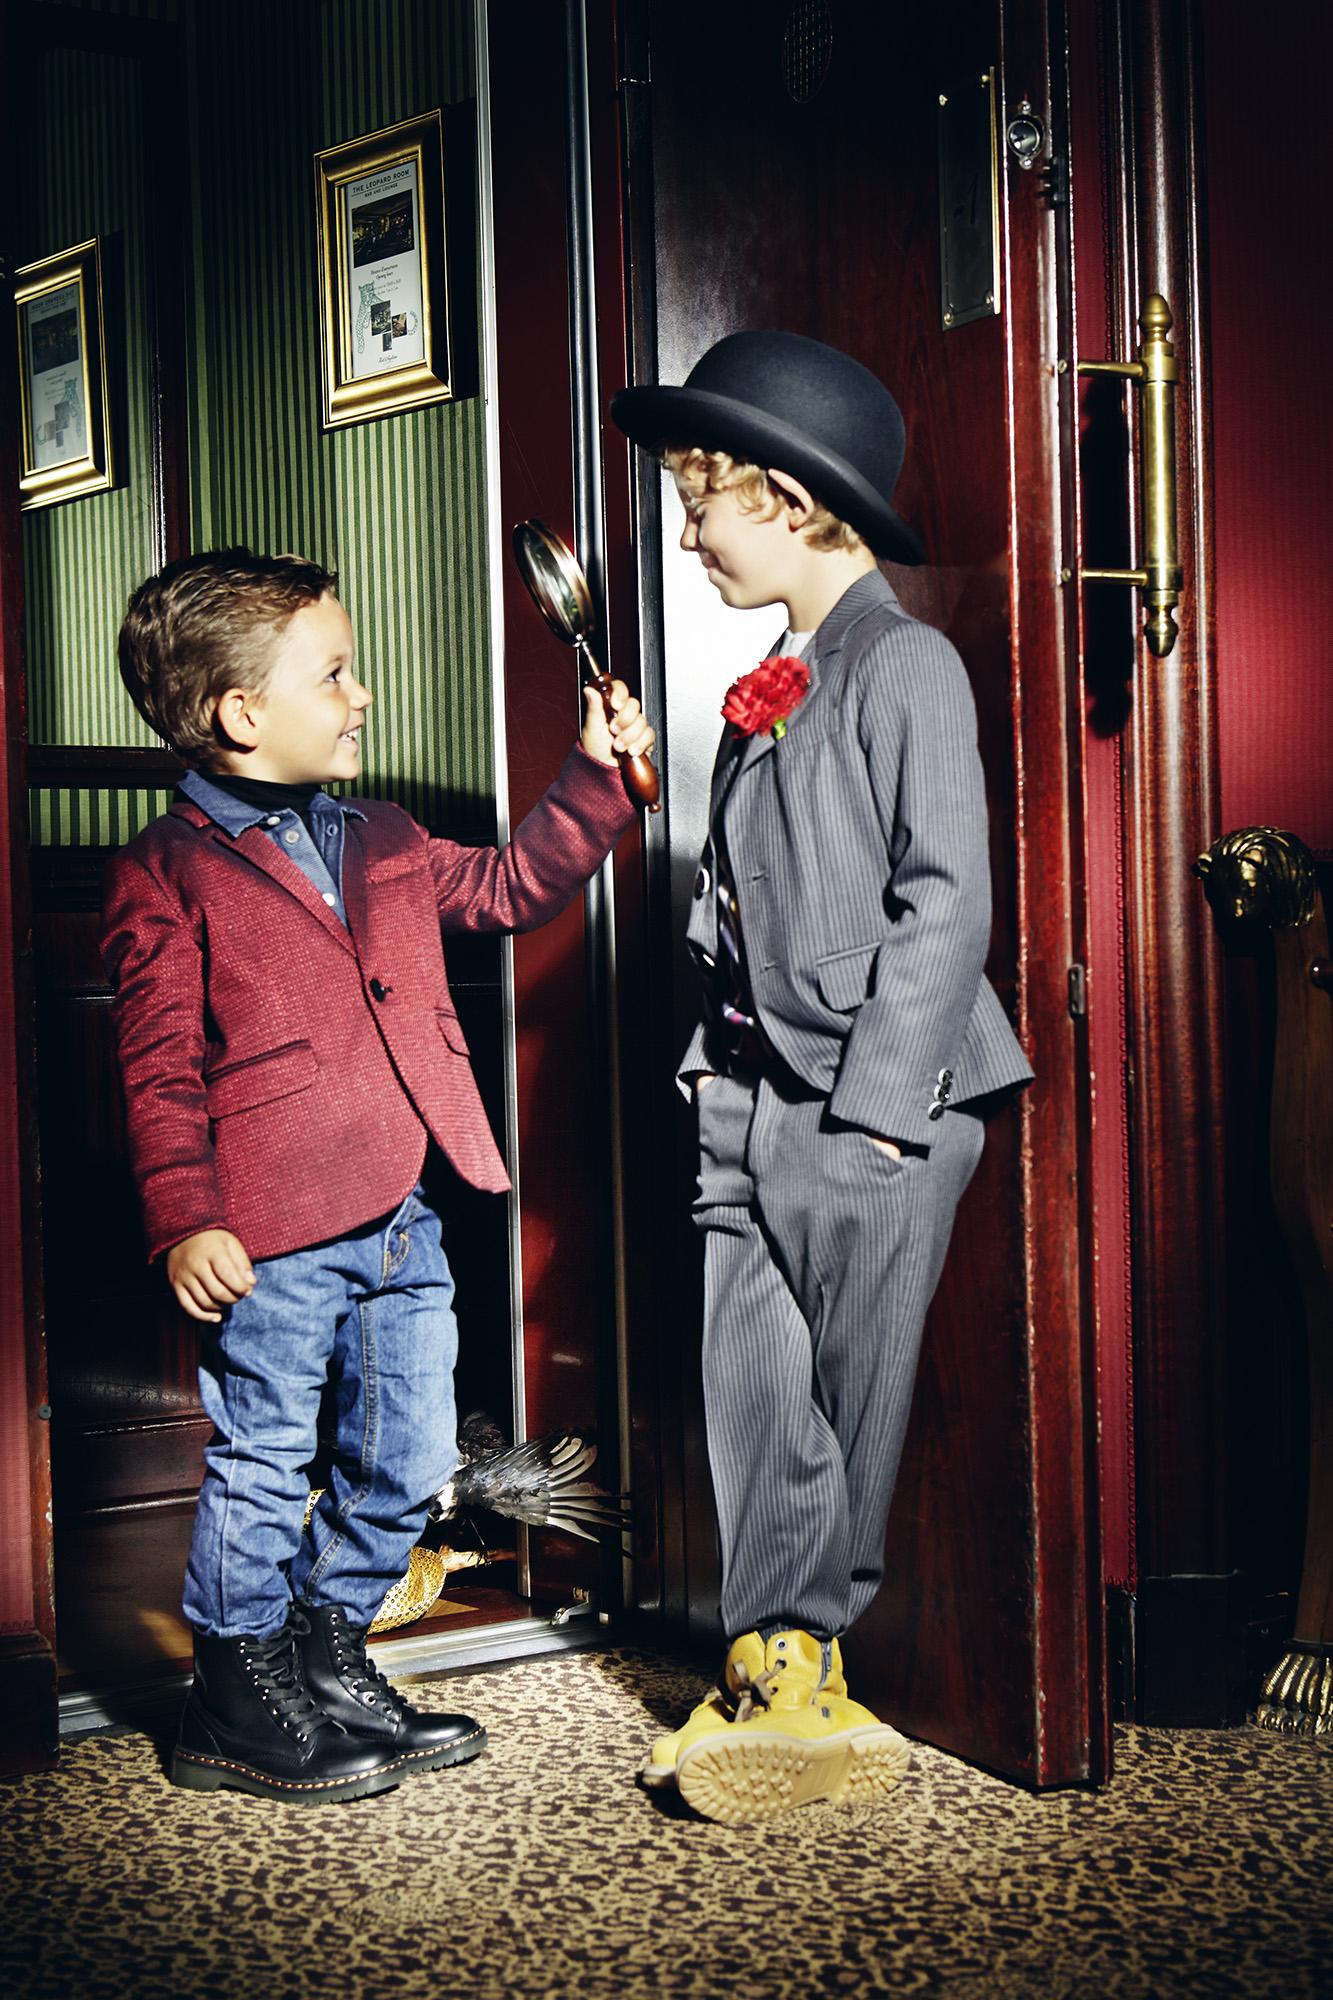 Ilve Little two boys talking